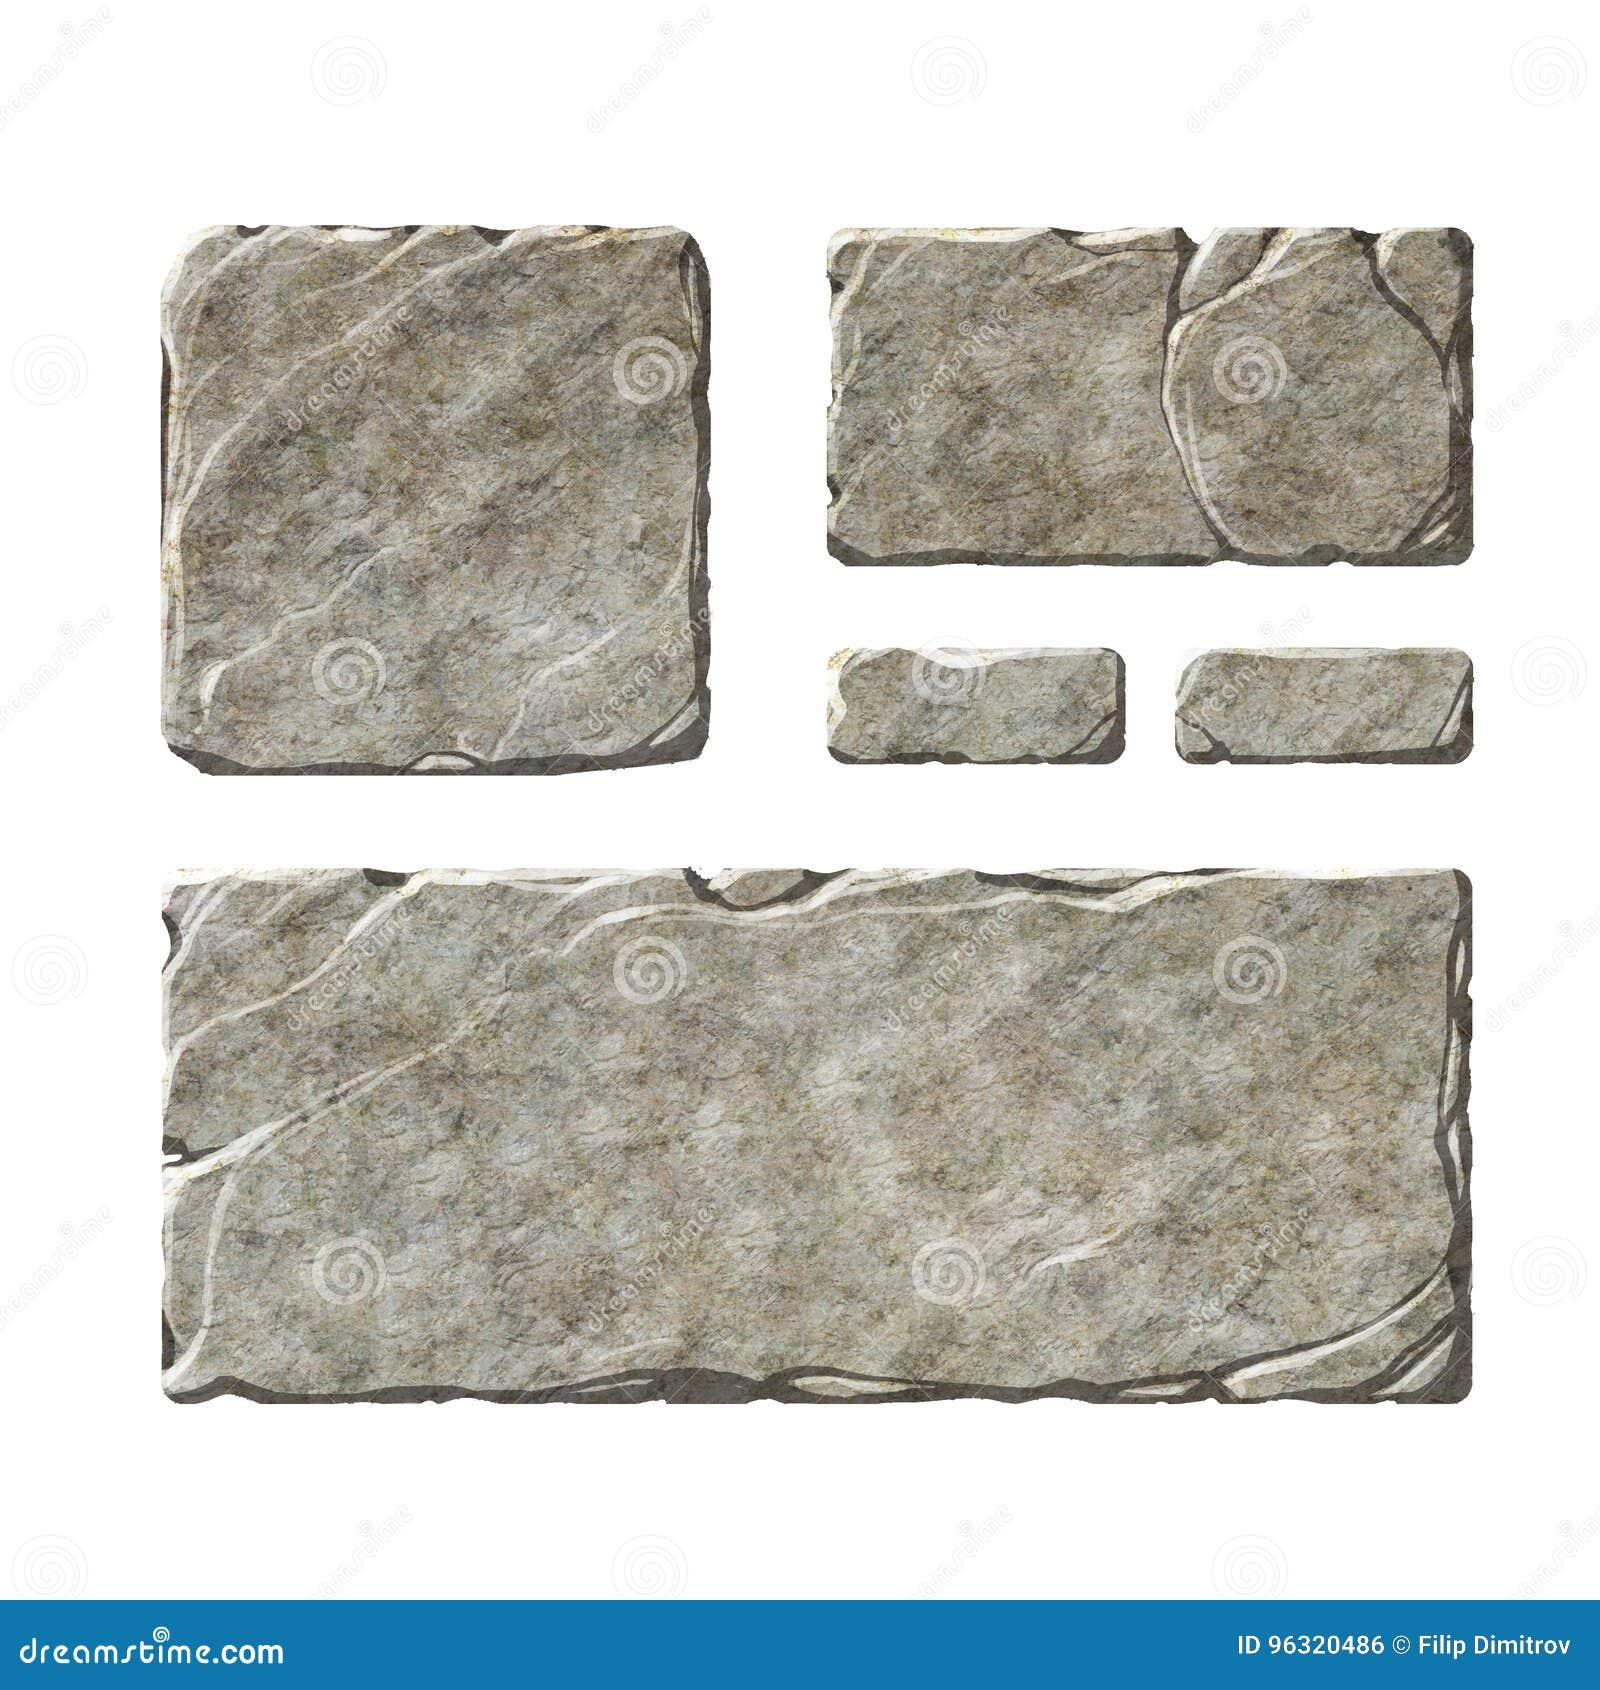 石接口元素